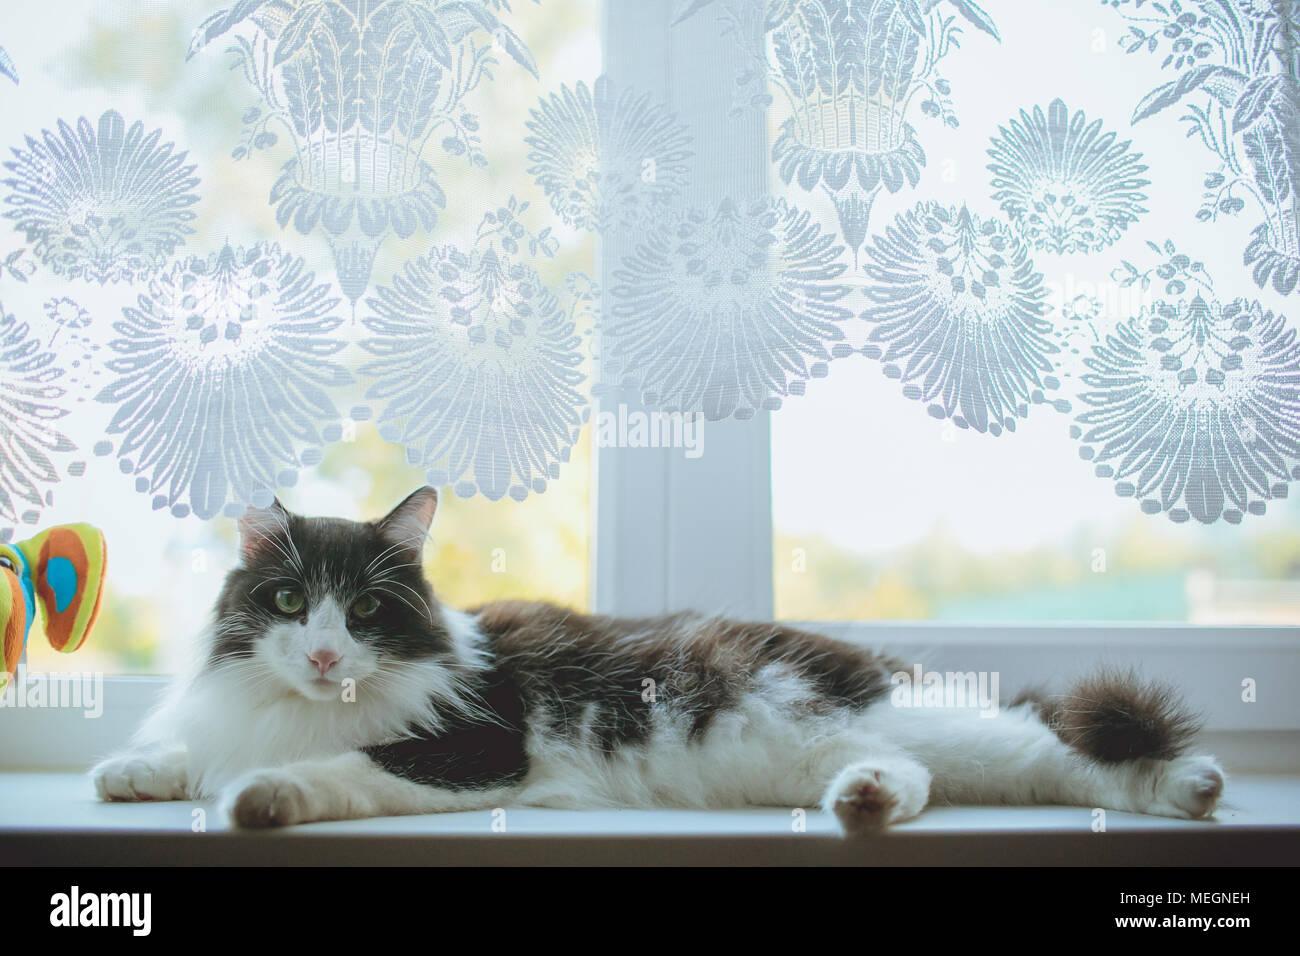 Tabby Kitten Sleeping Book Stockfotos & Tabby Kitten Sleeping Book ...